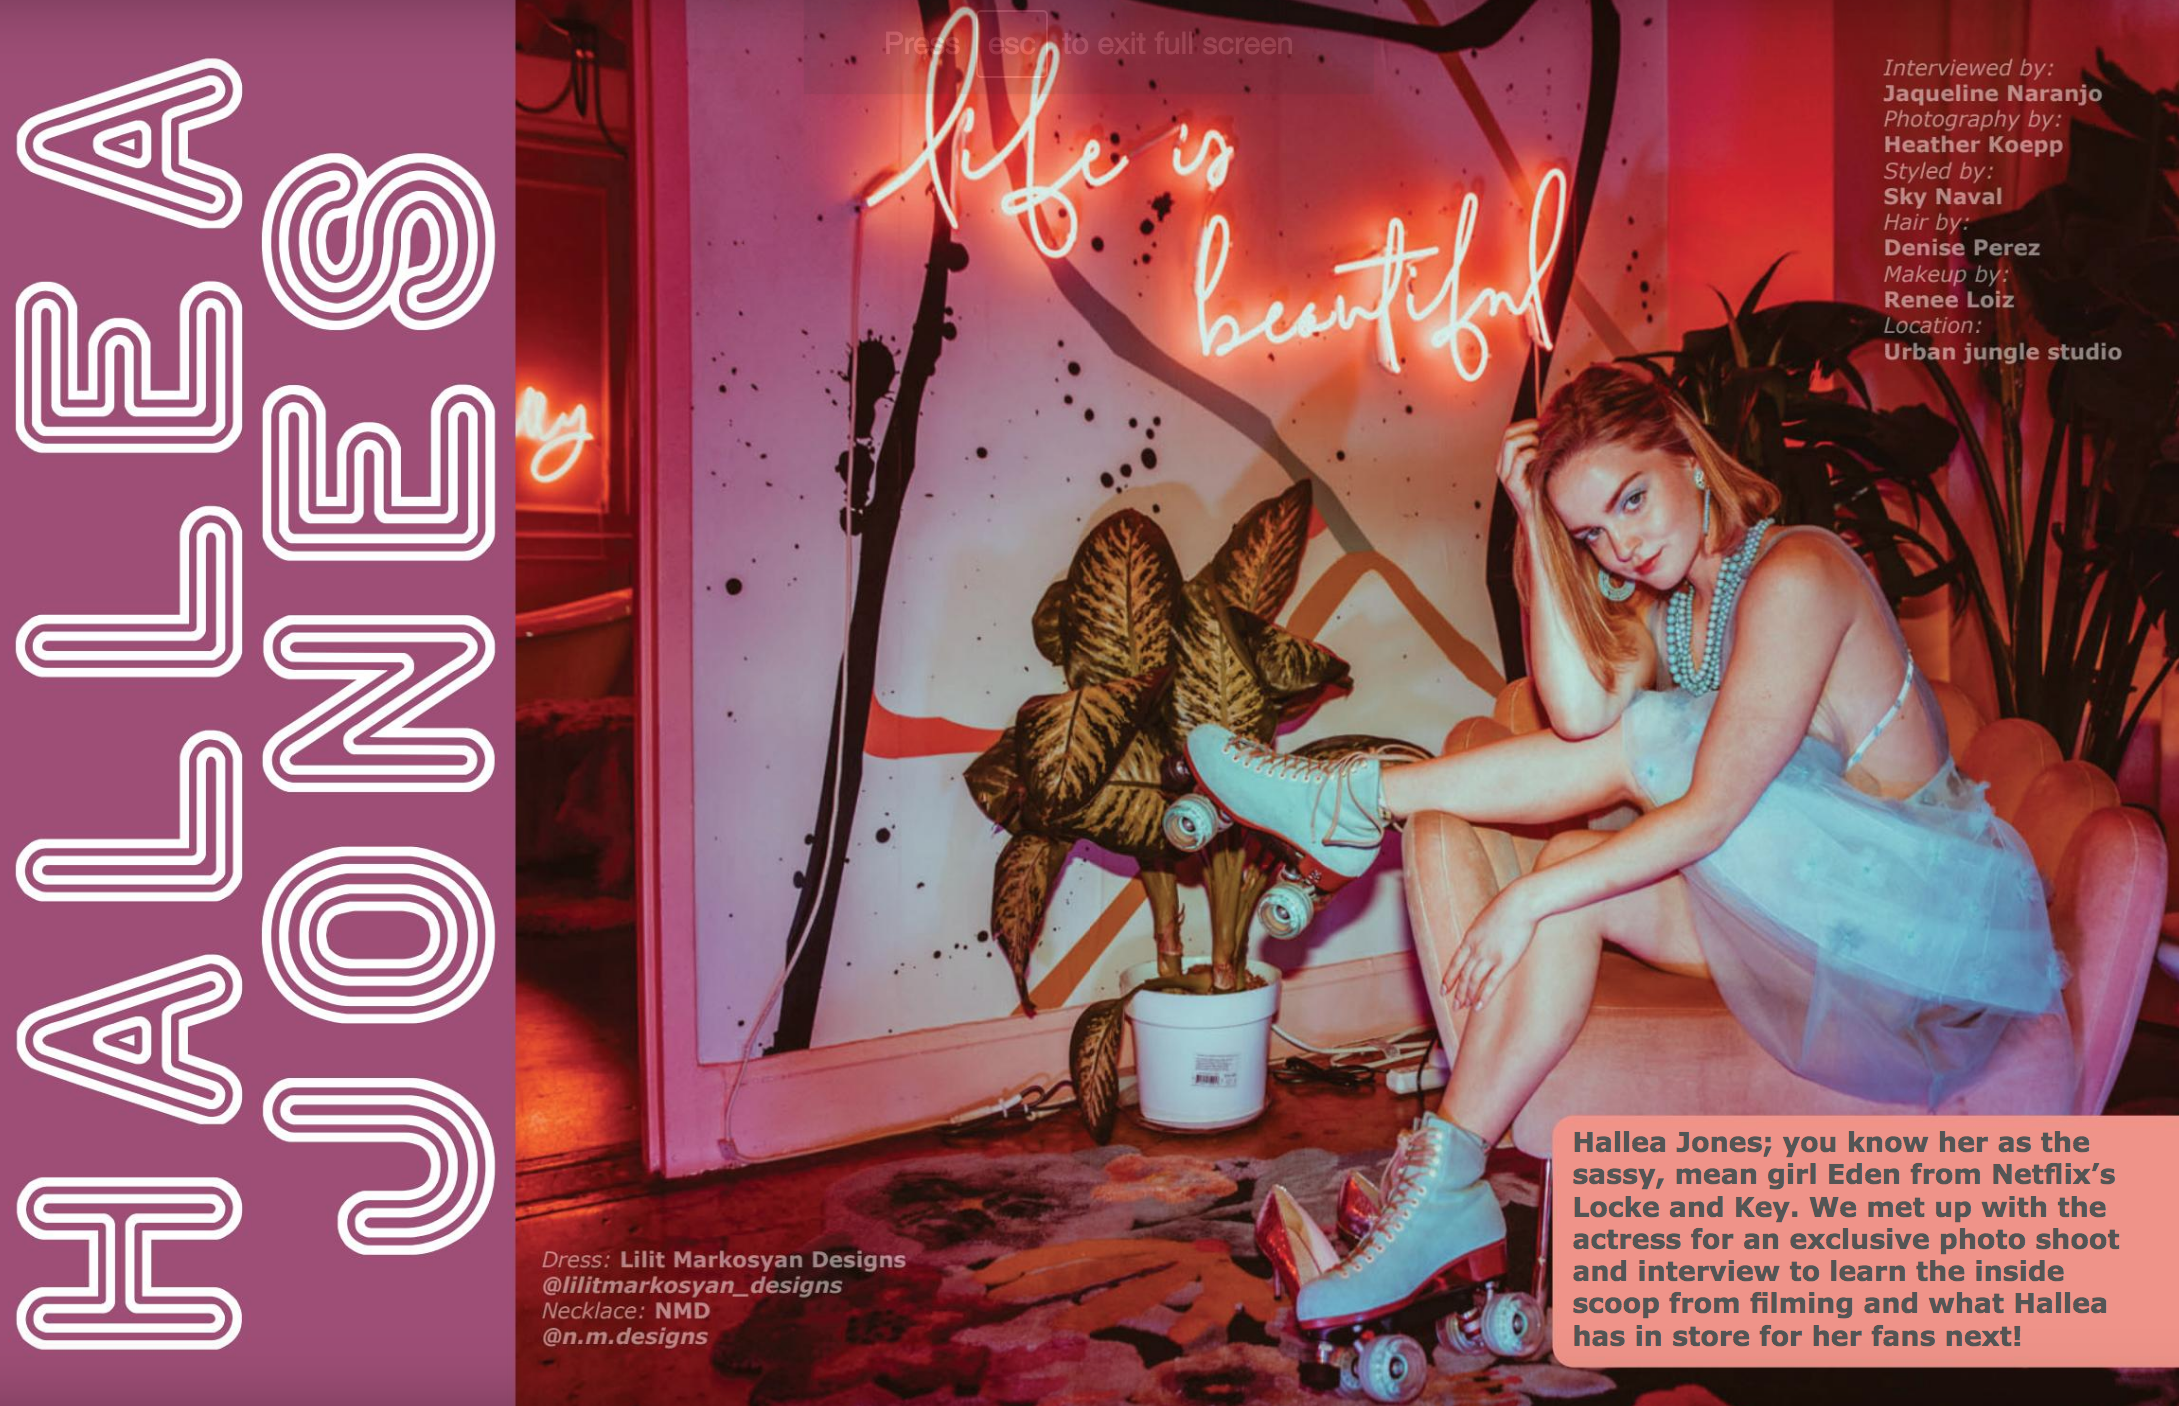 Hallea Jones in RIVAL Magazine